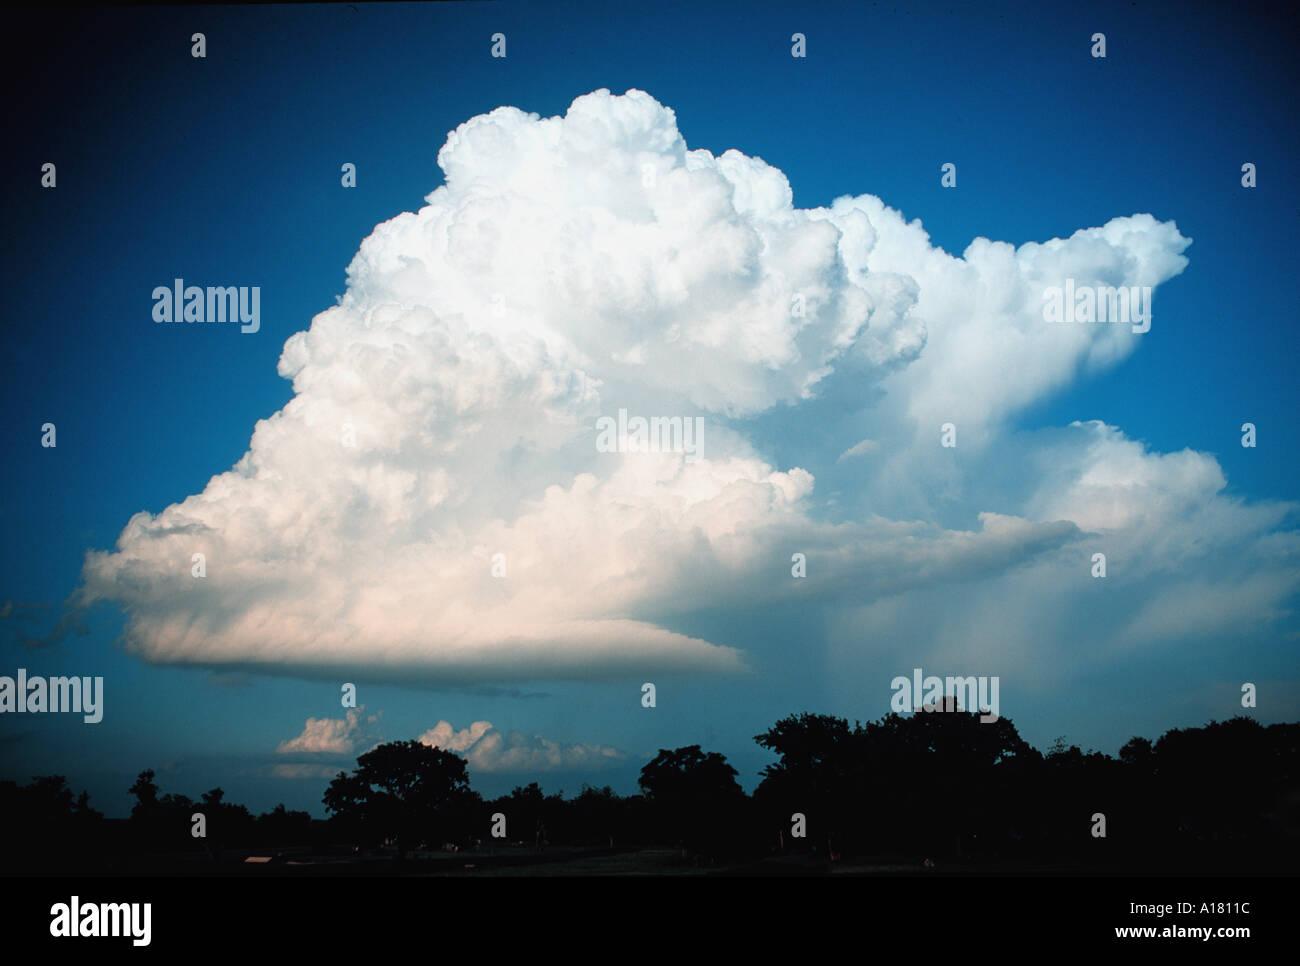 Cumulonimbus or thunderhead or thundercloud or cumulus cloud - Stock Image